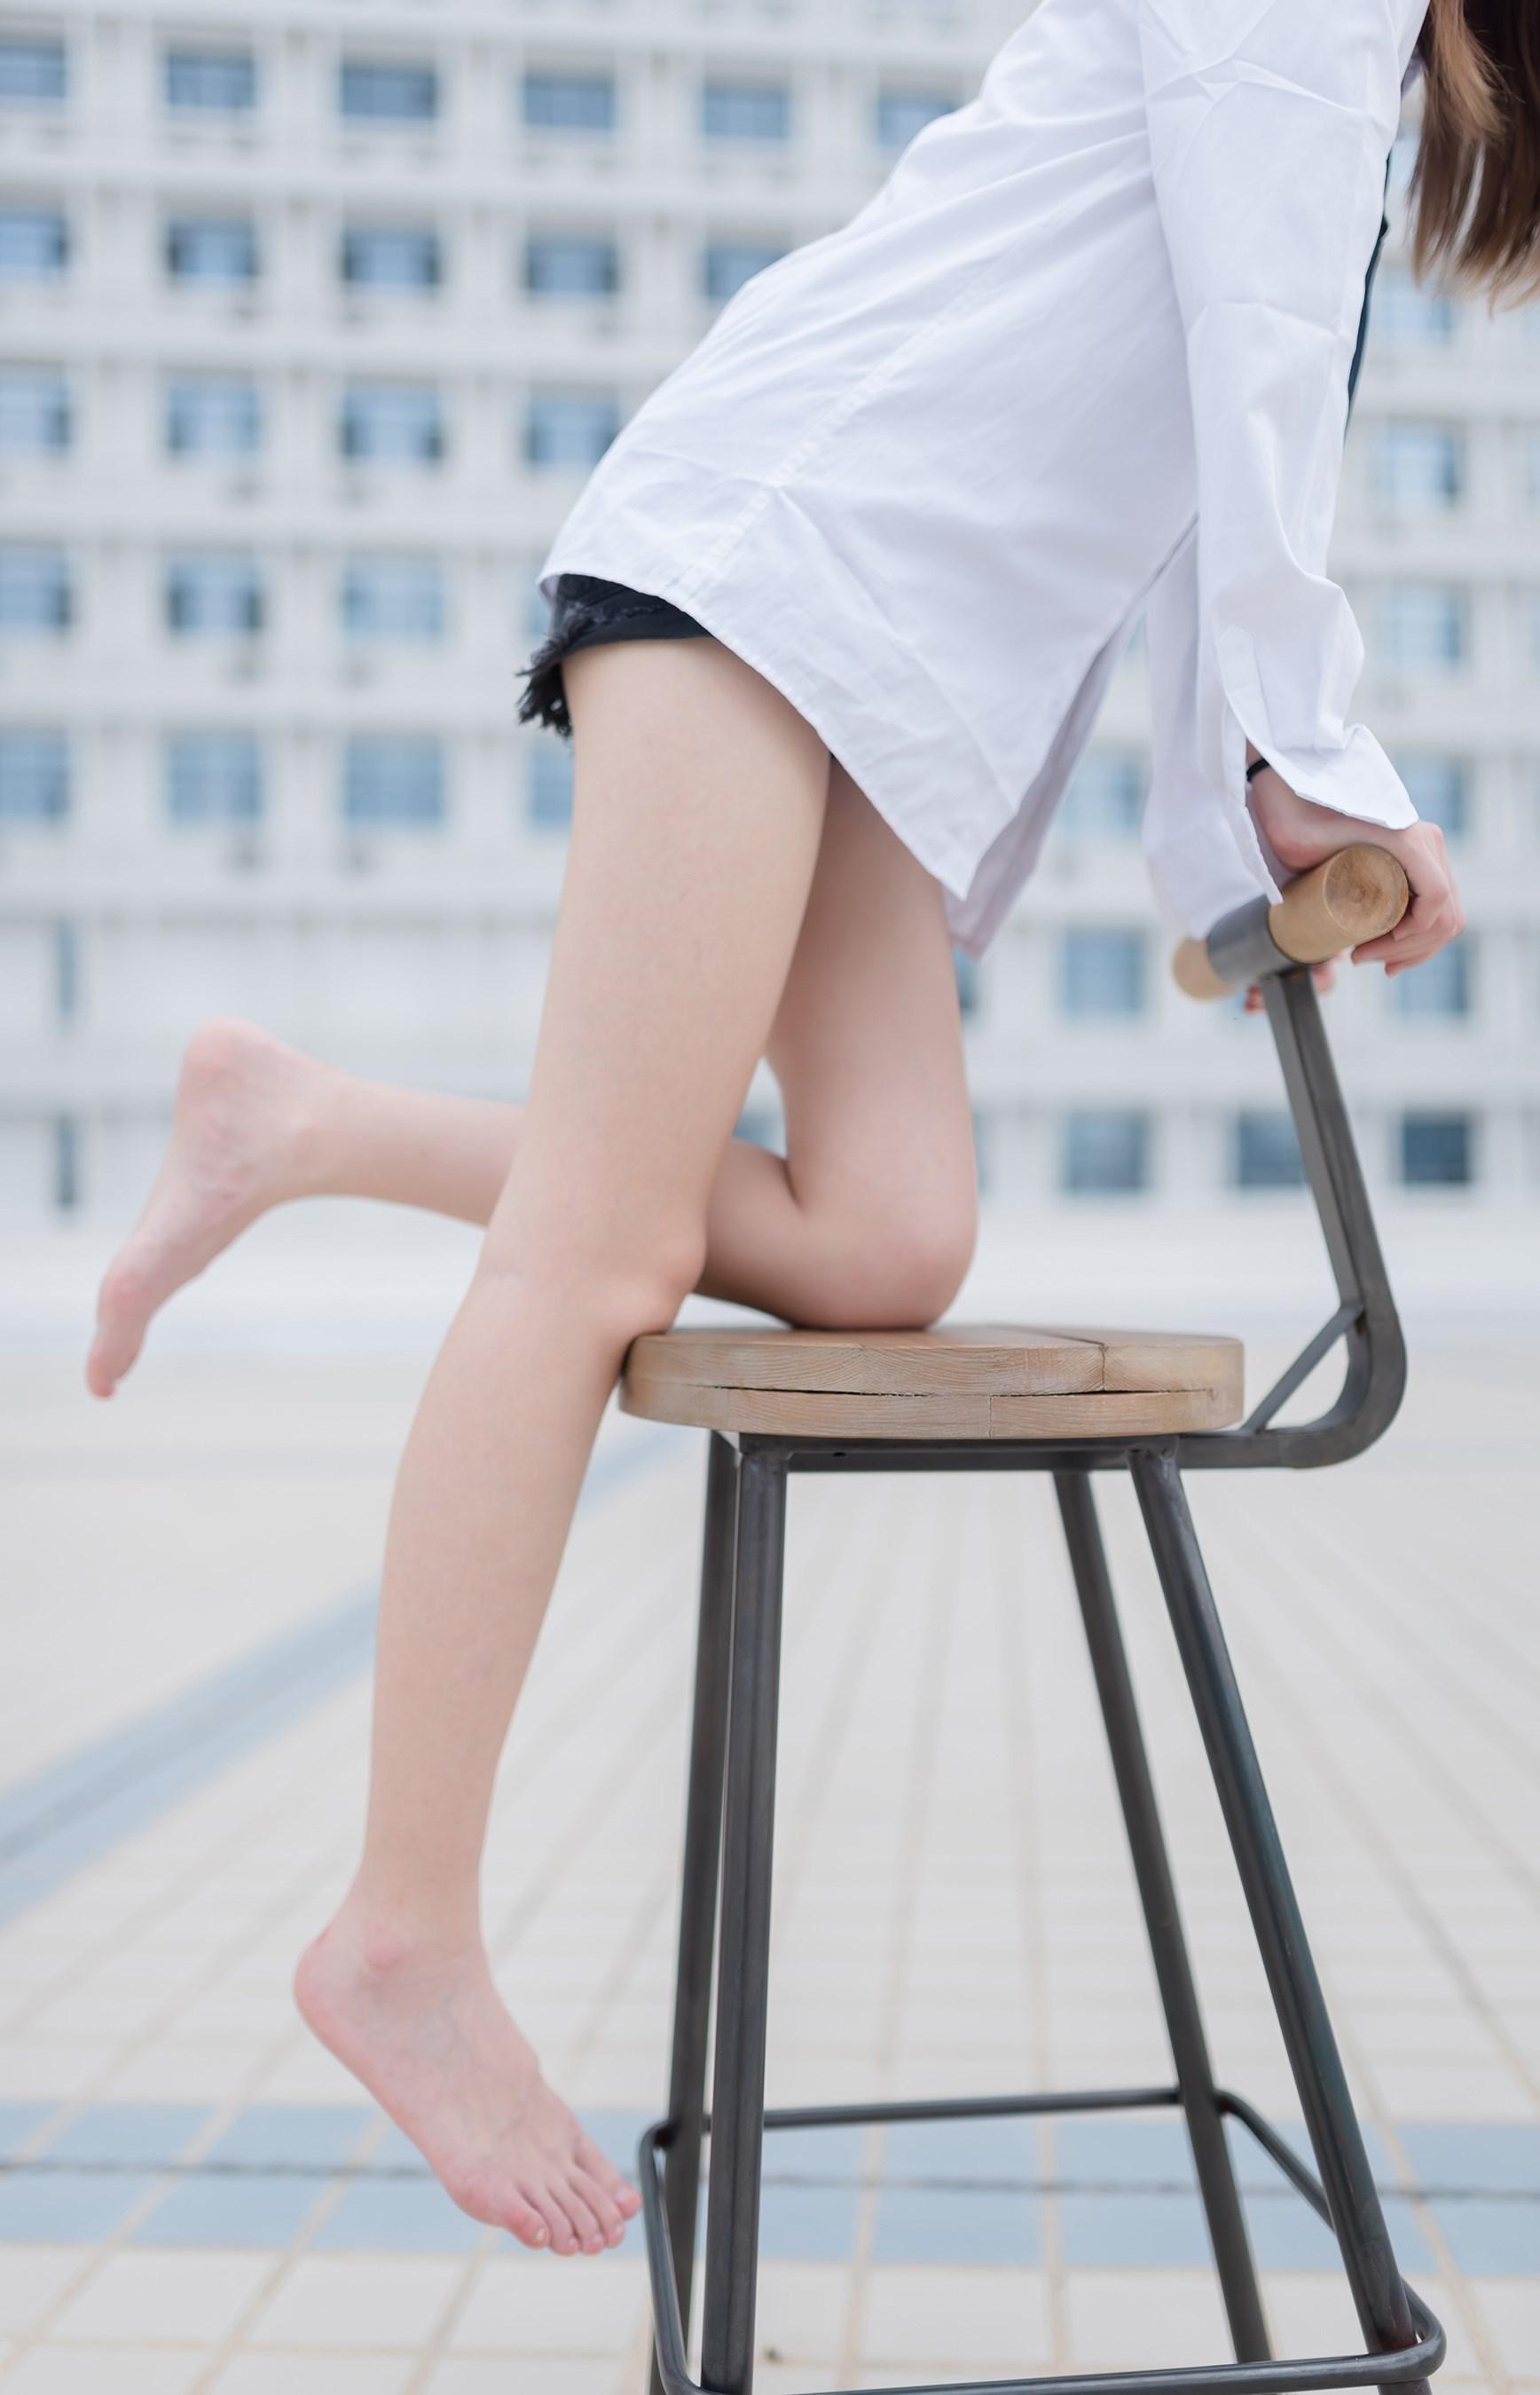 【兔玩映画】裸脚白衬衫 · 足控福利 兔玩映画 第17张